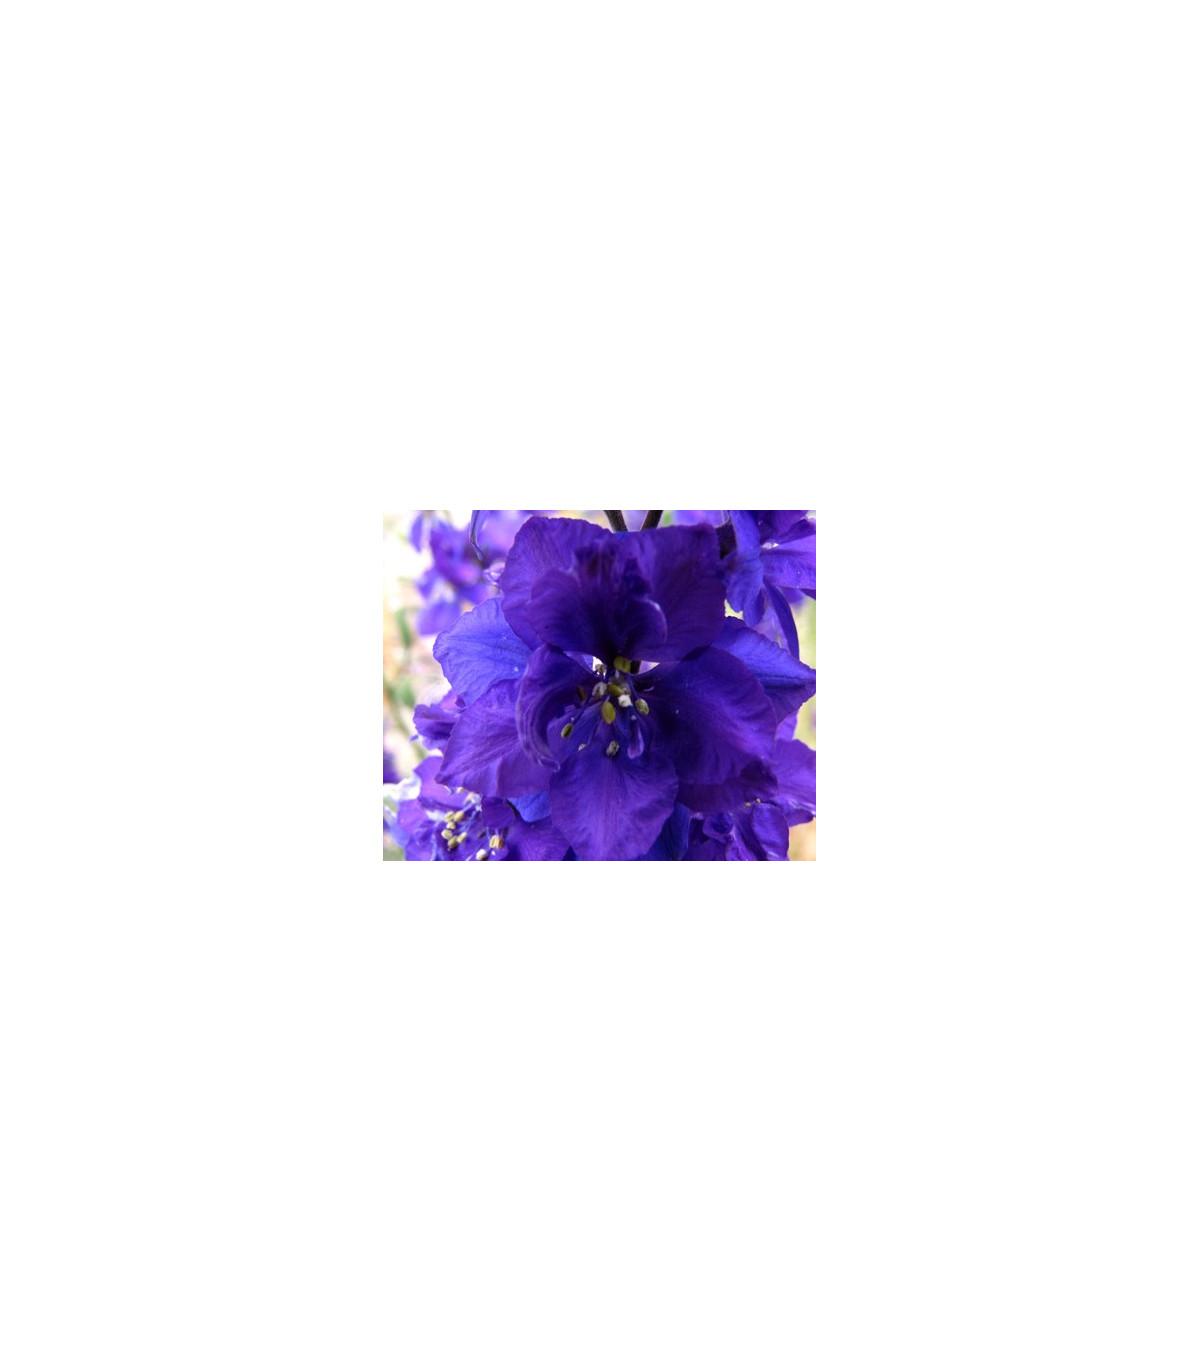 Stračka - Deplhinium cultorum - semena Stračky - 50 ks